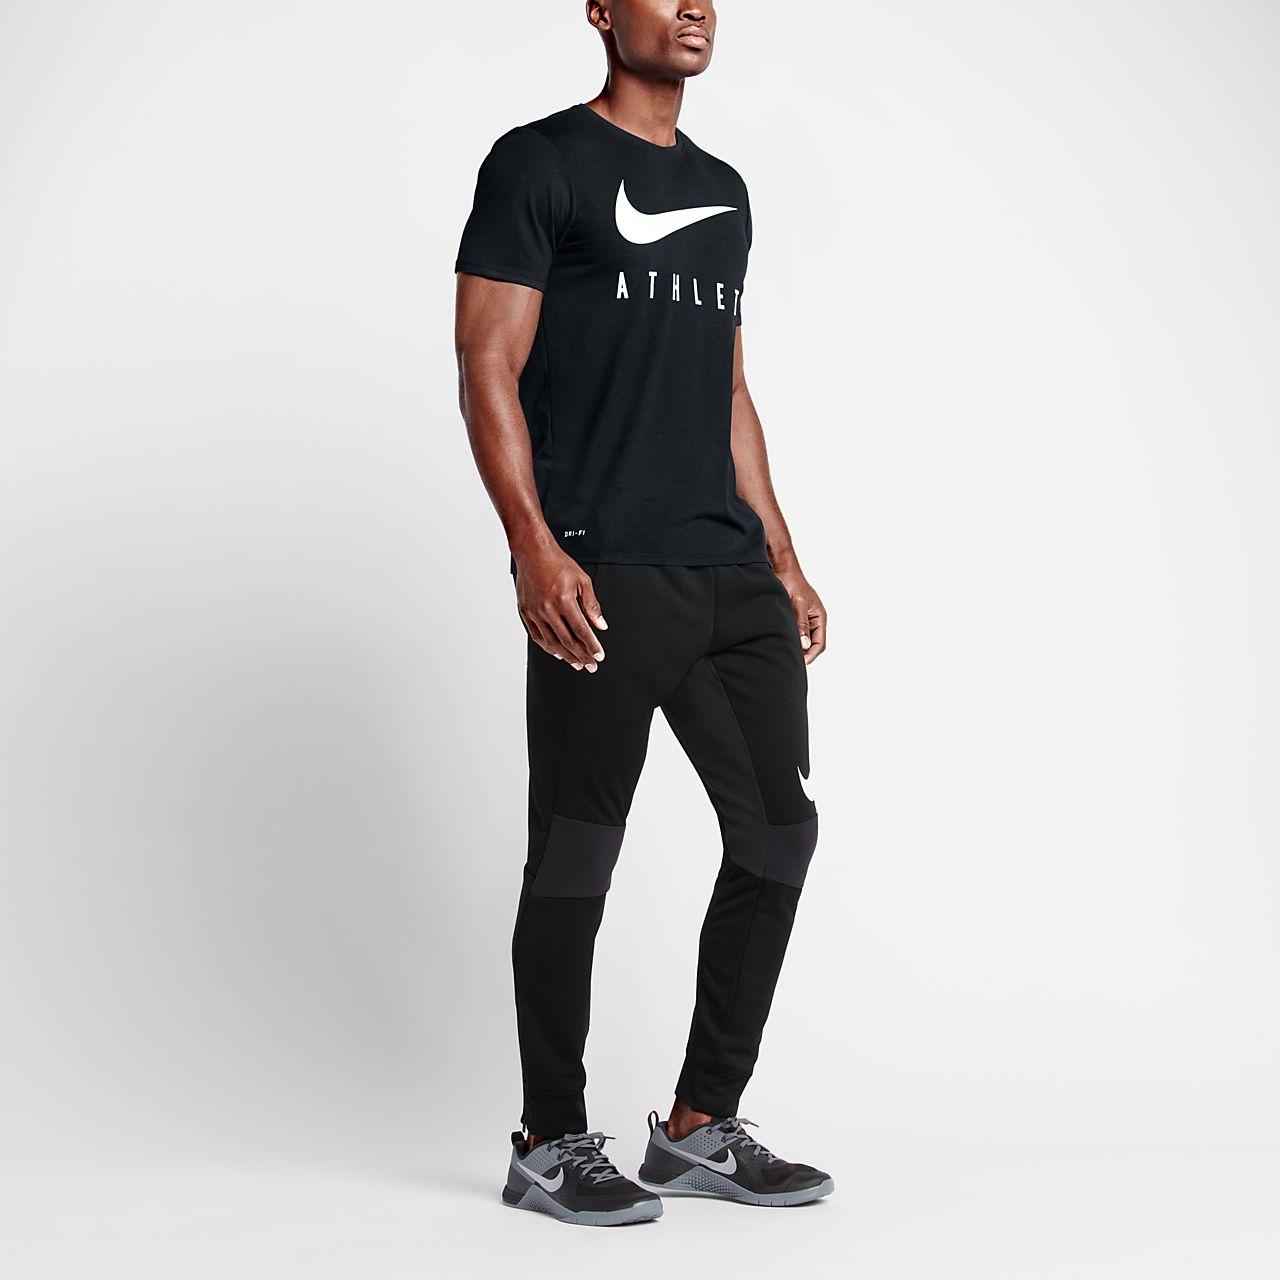 c7f901247752 Nike Swoosh Athlete Men s T-Shirt. Nike.com NO